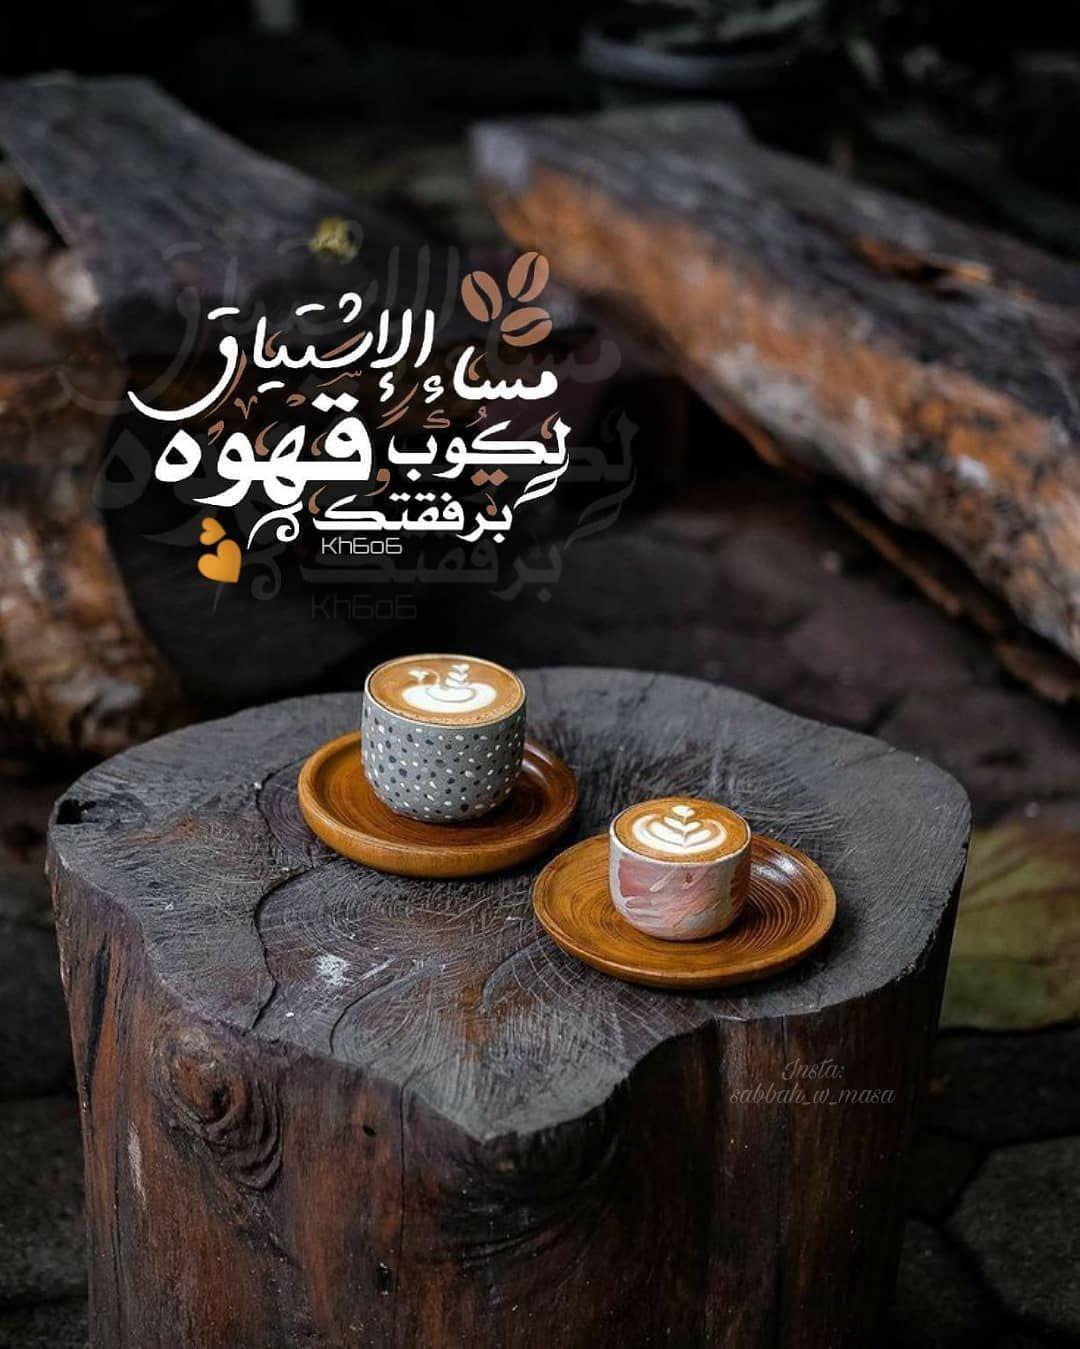 صبح و مساء On Instagram مساء الإشتياق لكوب قهوة برفقتك مساء الورد تصميم تصاميم السعودية صبح ومساء مسيتو In 2021 Coffee Food Condiments